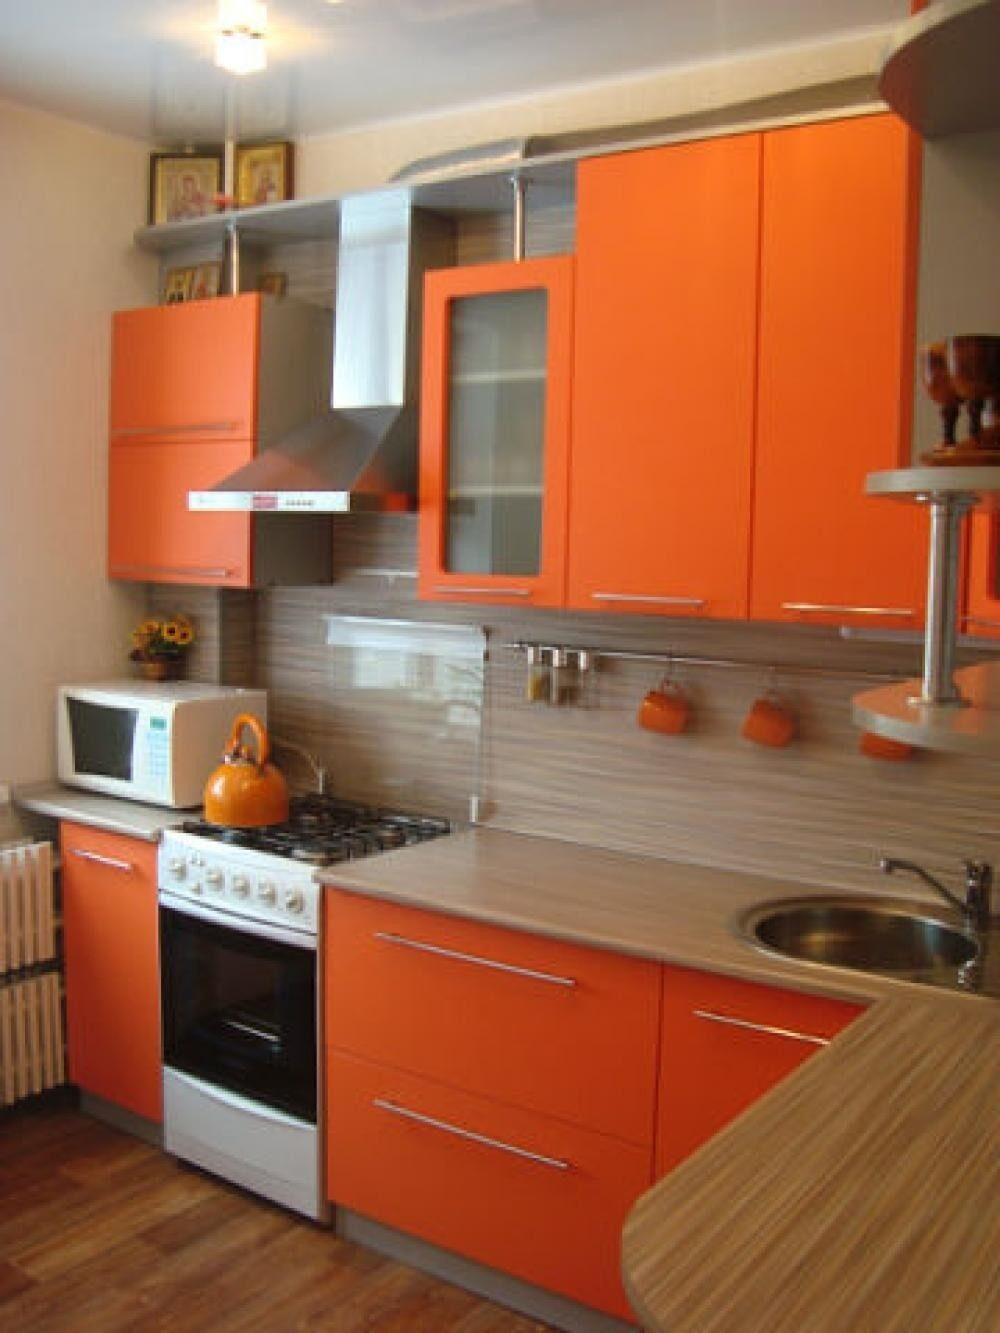 Кухня в оранжевых тонах дизайн фото